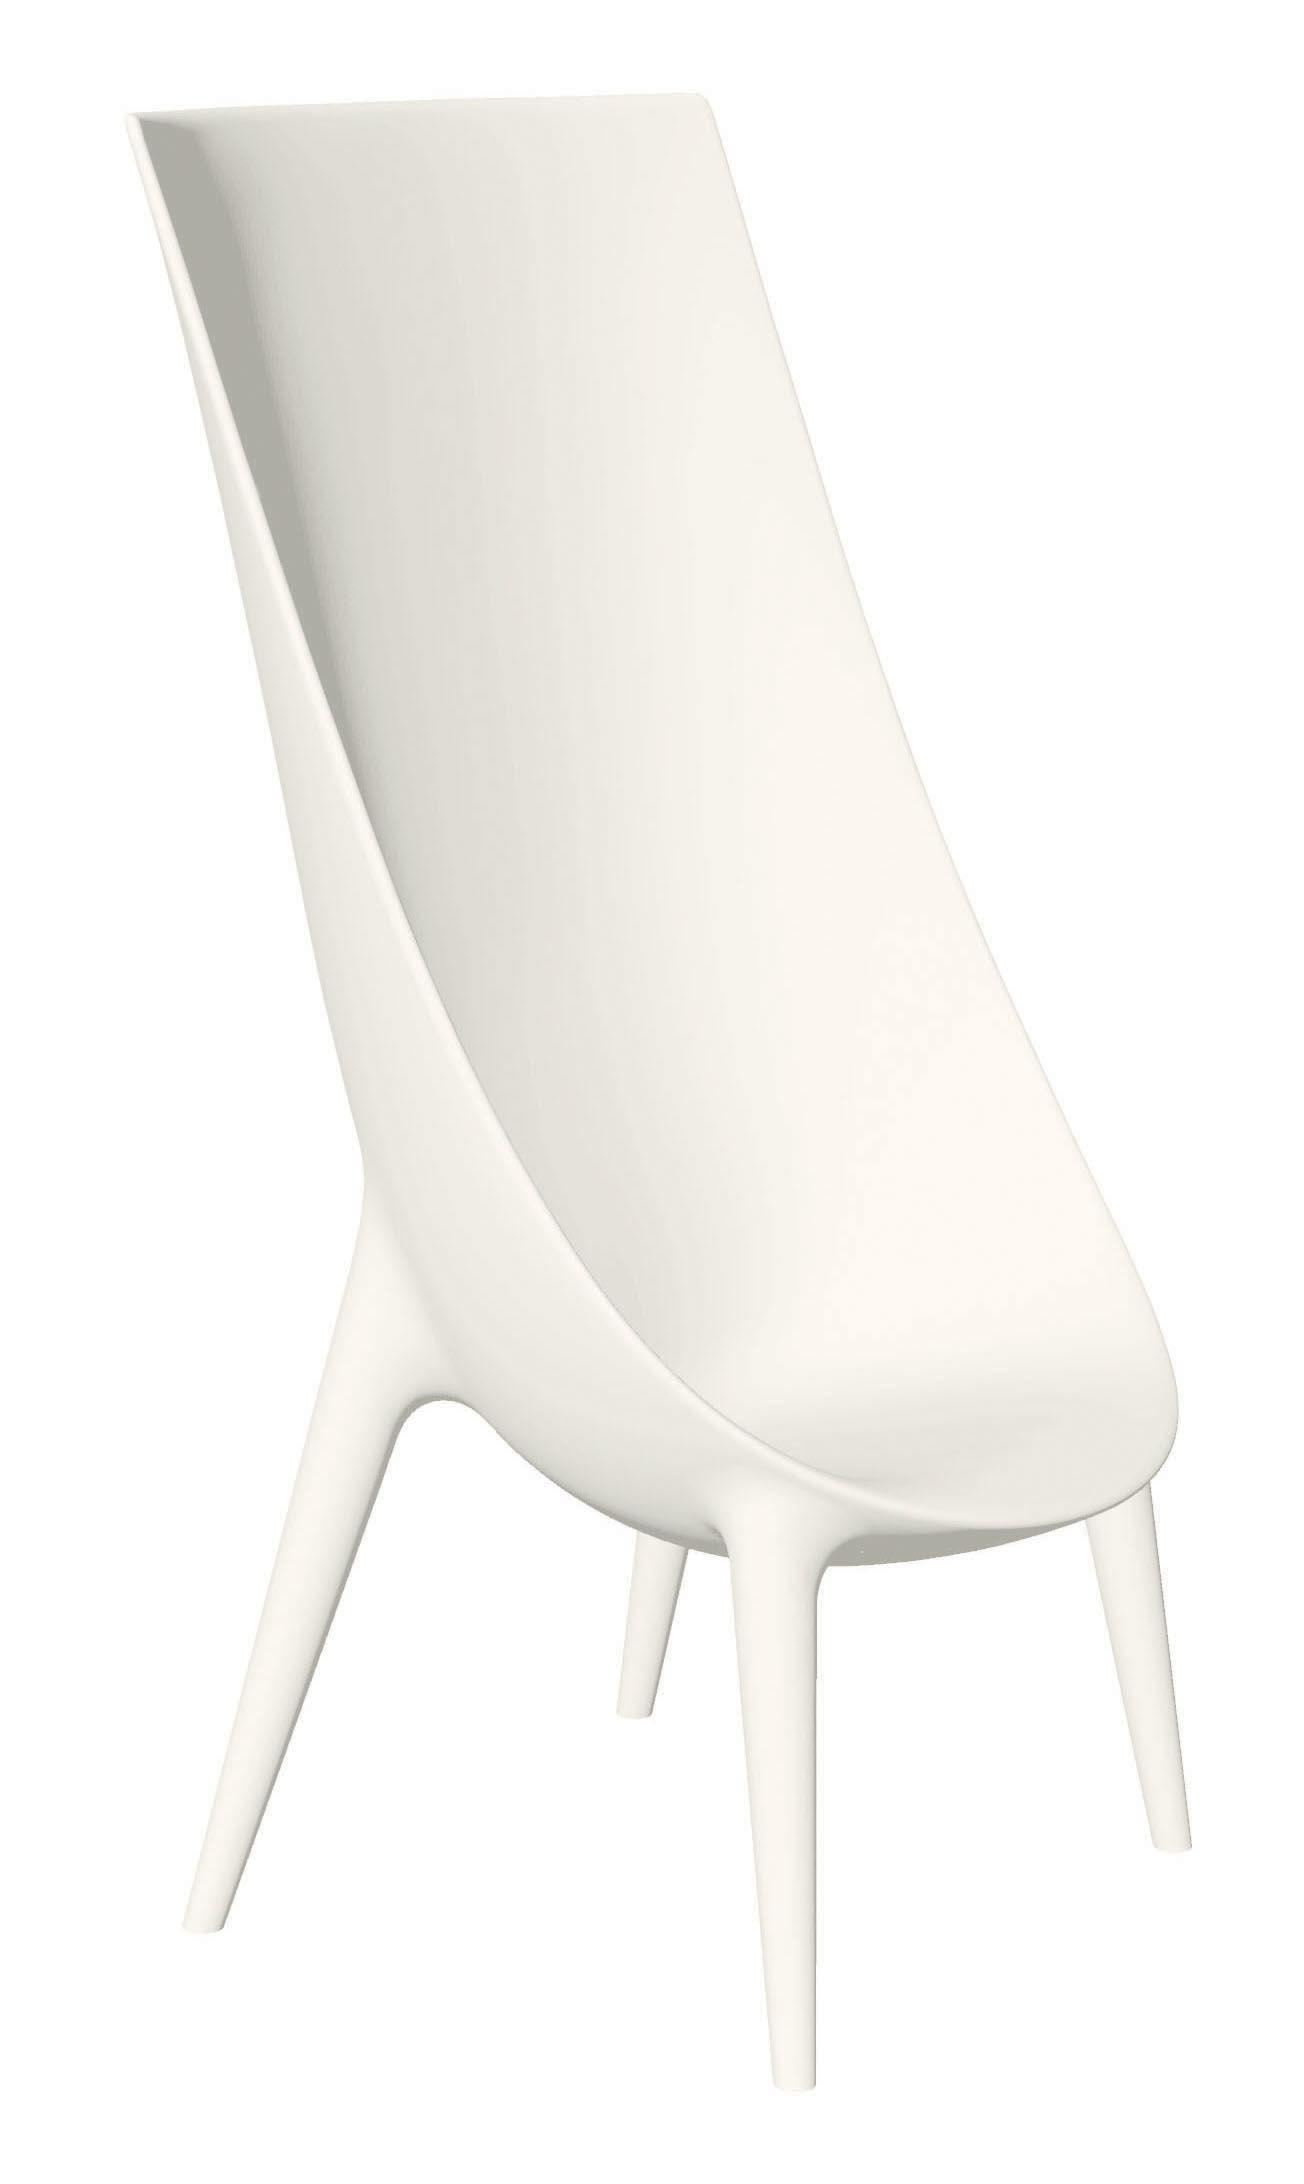 Arredamento - Sedie  - Poltrona Out-In di Driade - Bianco - Polietilene